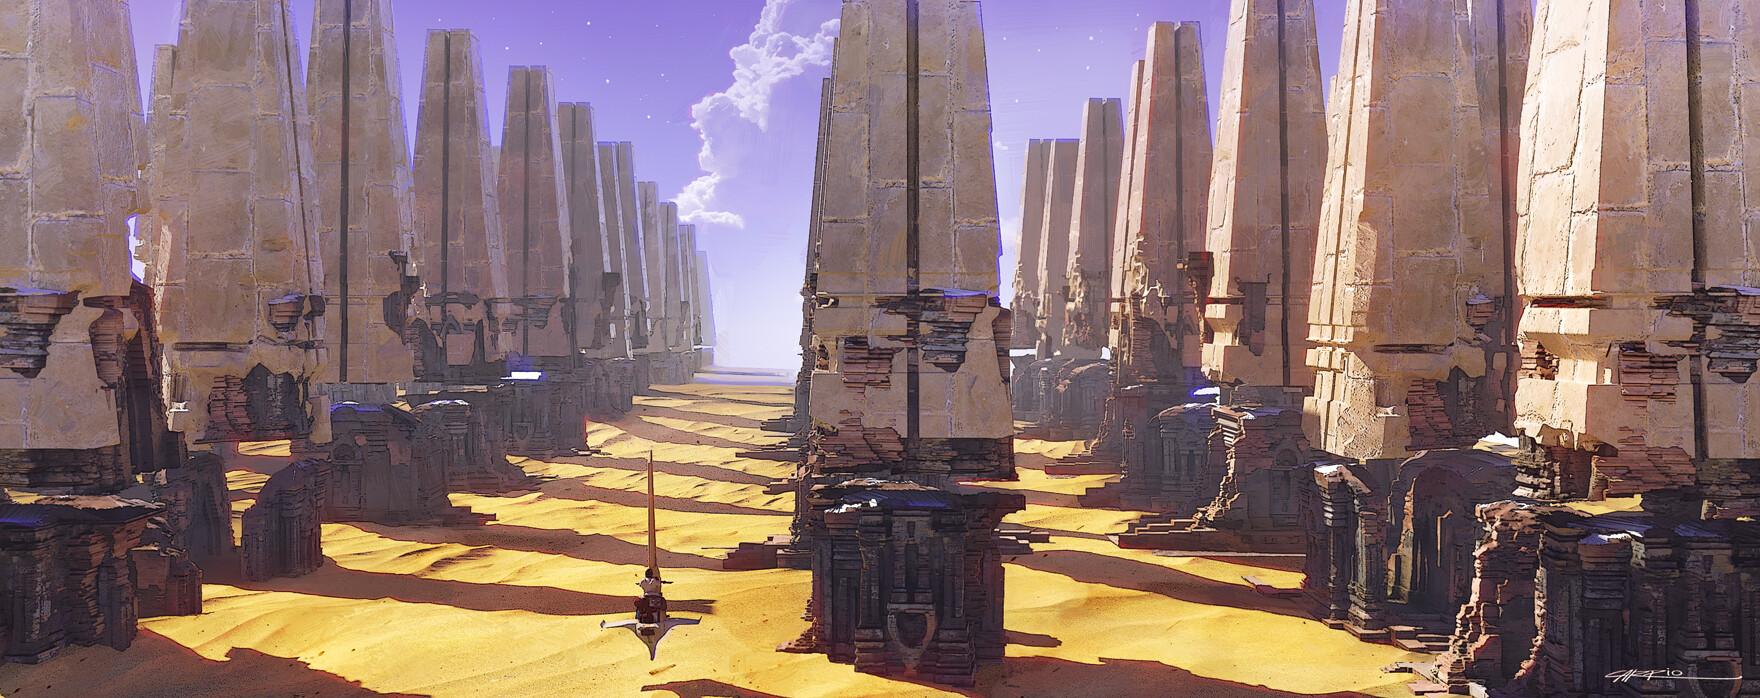 Pablo carpio columns3